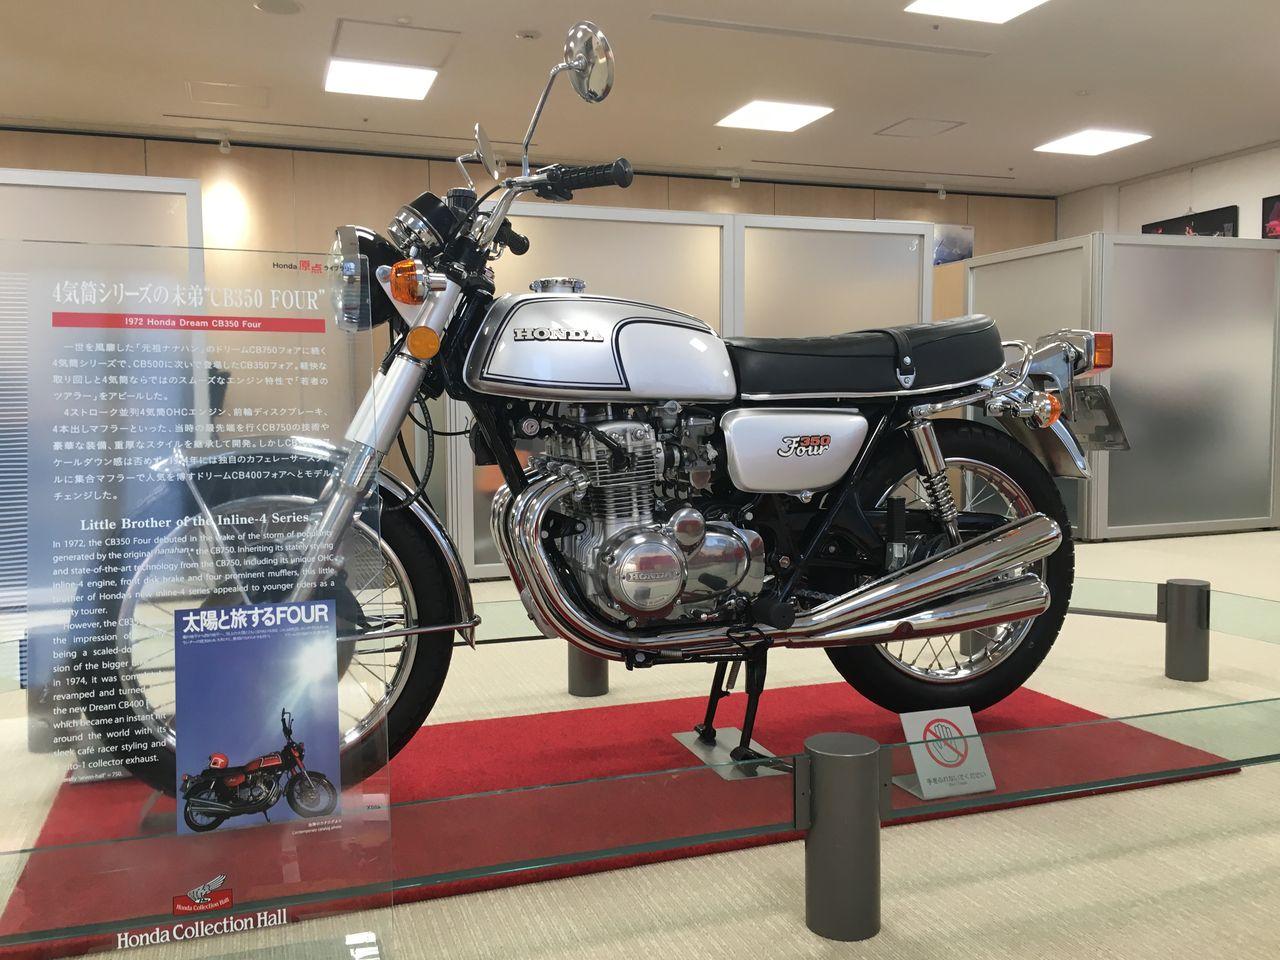 ホンダ・ドリームCB350FOUR